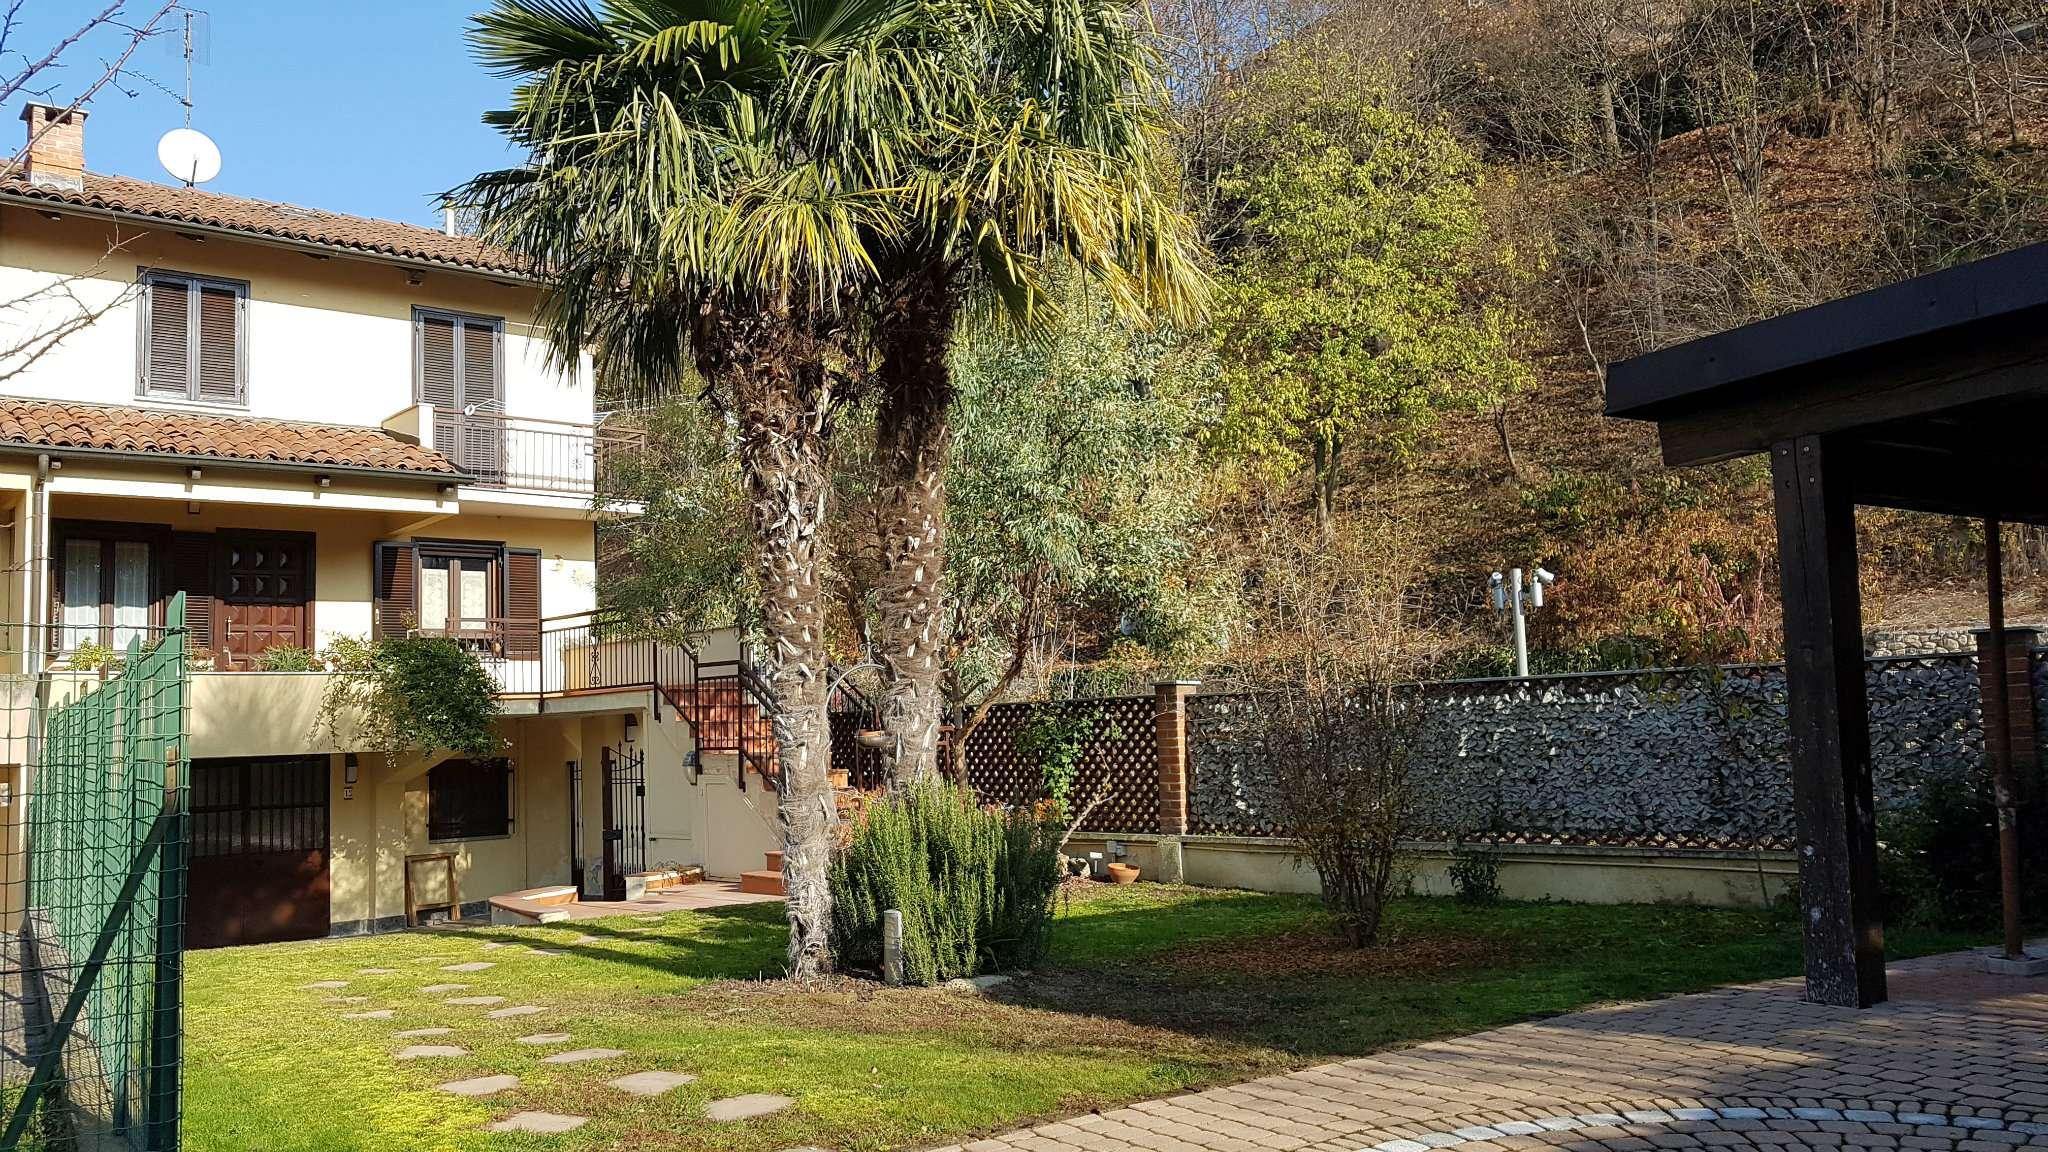 Rustico / Casale in vendita a Trofarello, 5 locali, prezzo € 310.000 | CambioCasa.it